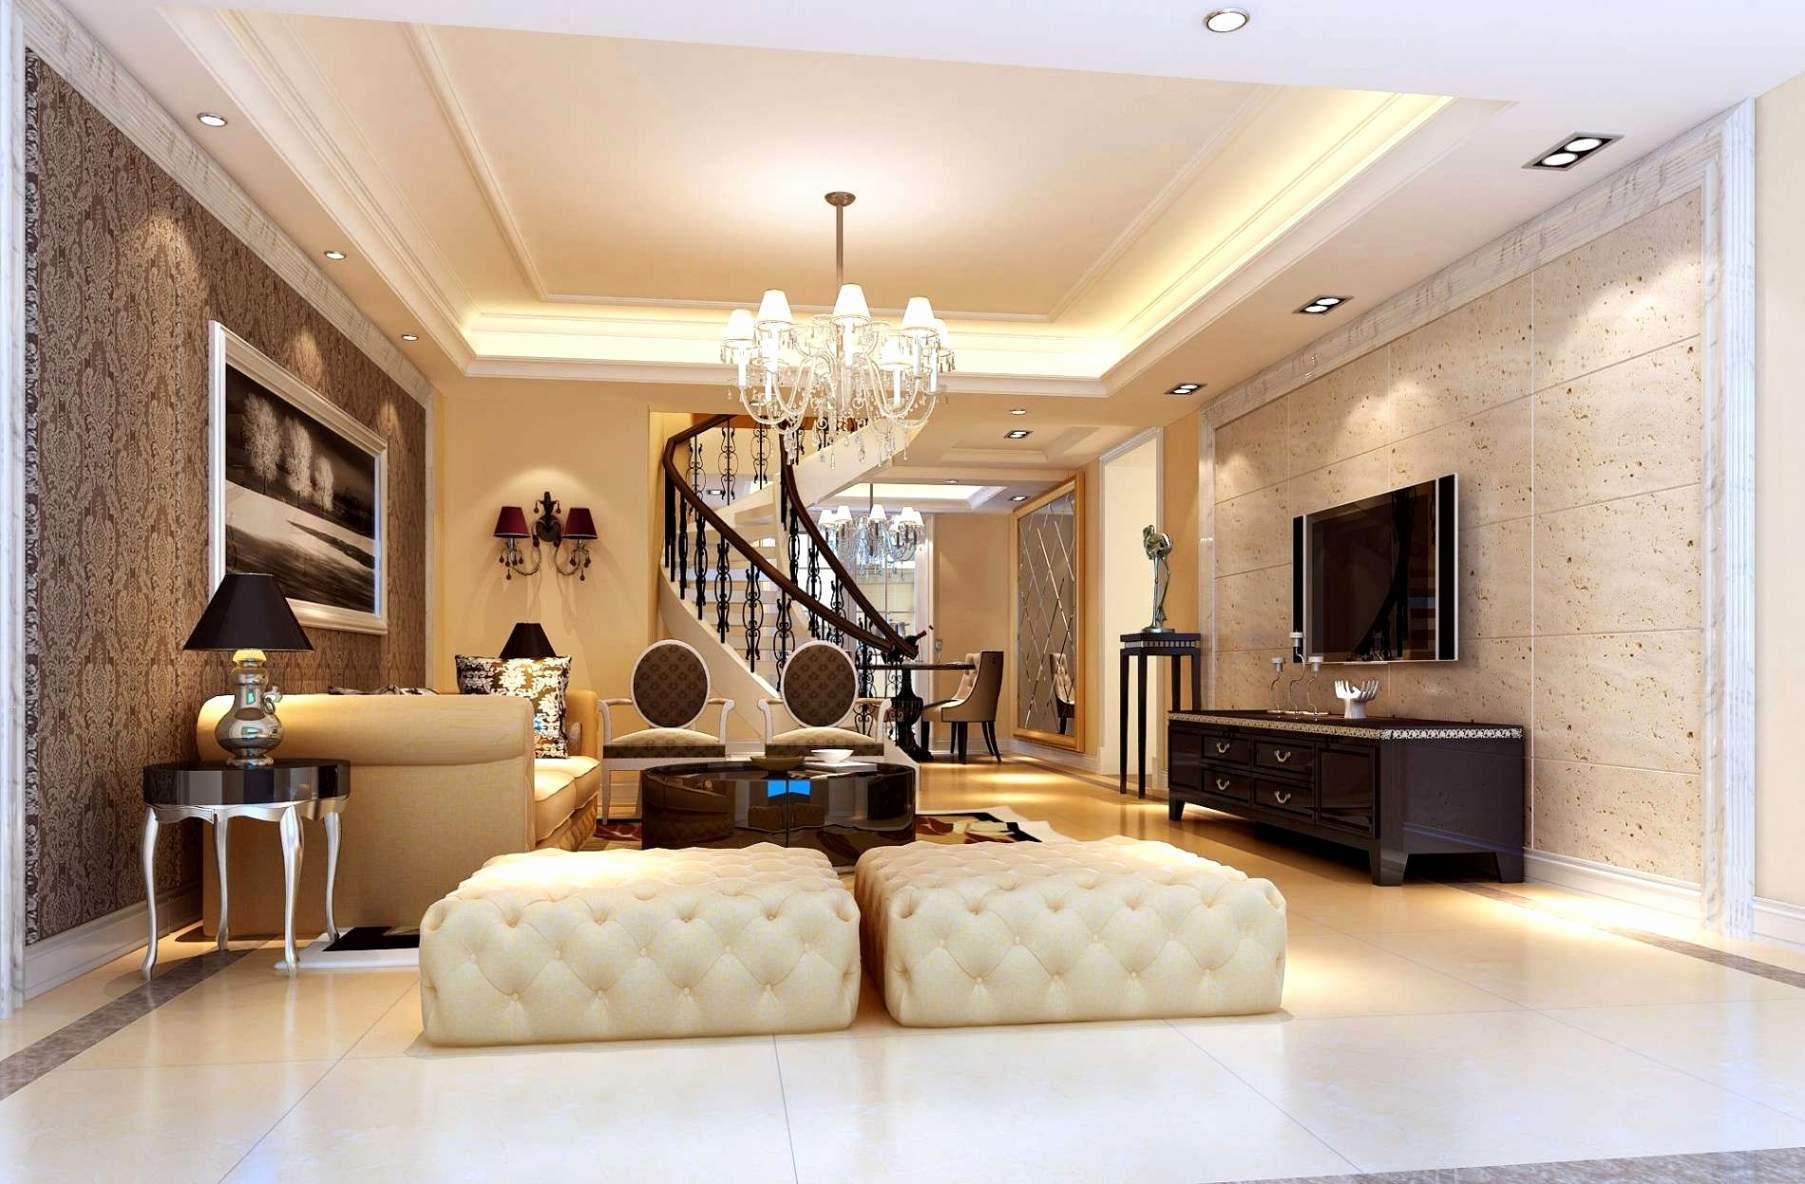 Full Size of Wohnzimmer Einrichten Modern Gestalten Elegant Einrichtung Genial Teppich Deckenlampen Modernes Sofa Moderne Esstische Lampe Deckenlampe Tisch Wohnwand Wohnzimmer Wohnzimmer Einrichten Modern